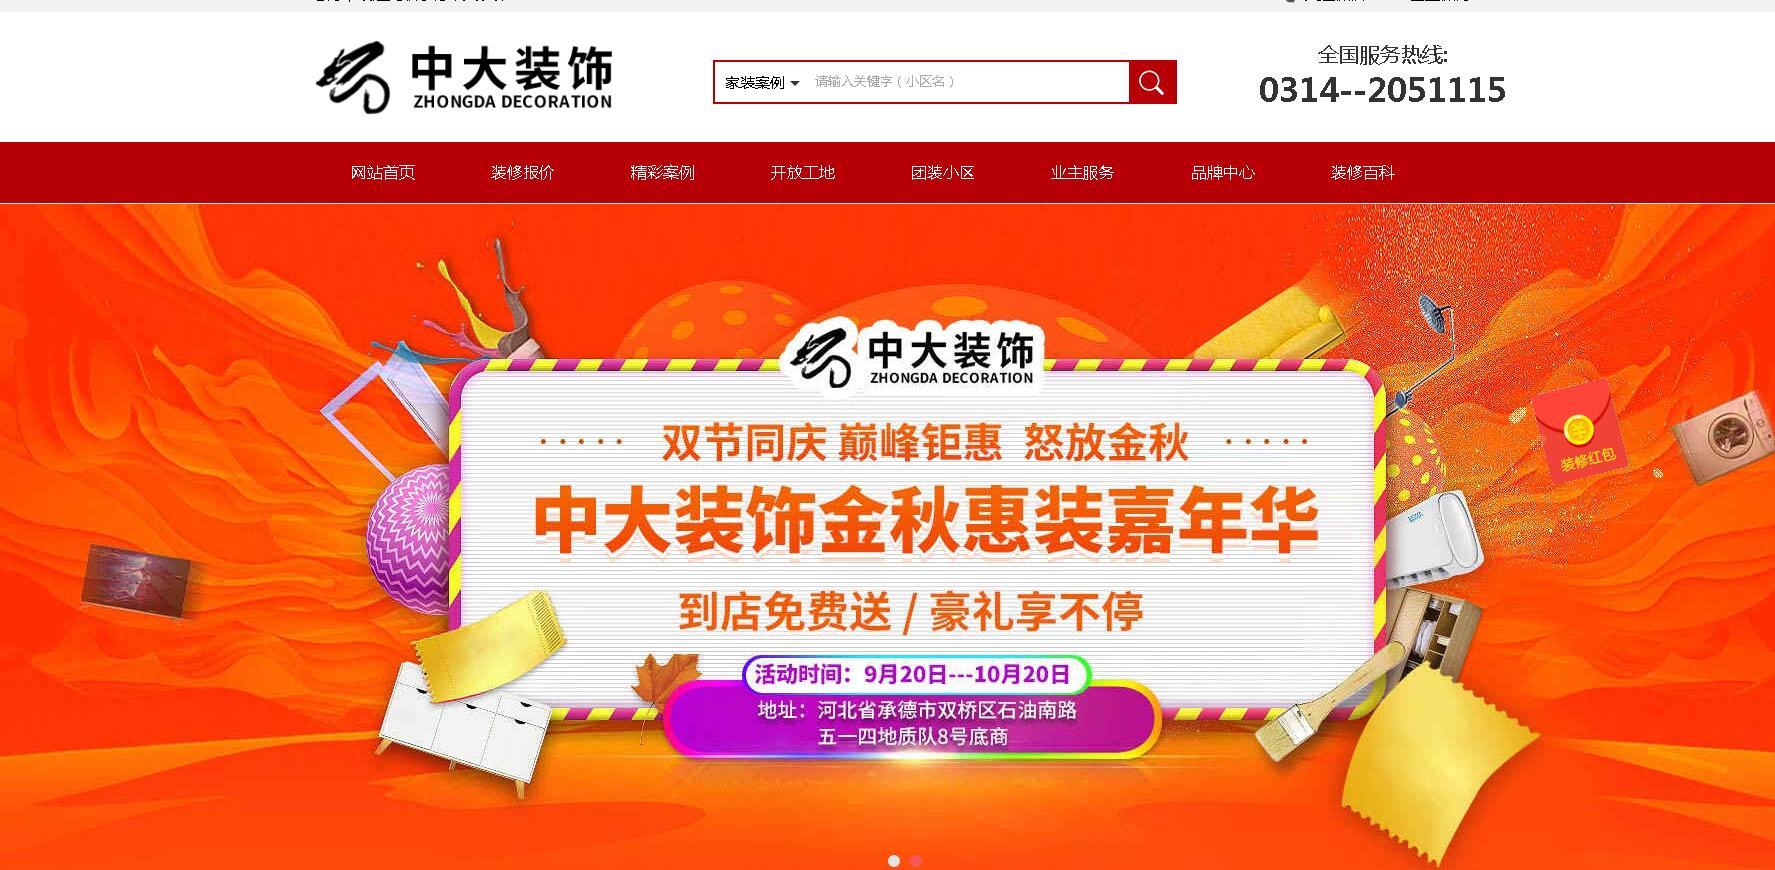 乐后屋装企营销平台热烈祝承德中大装饰2018新版官方网站上线